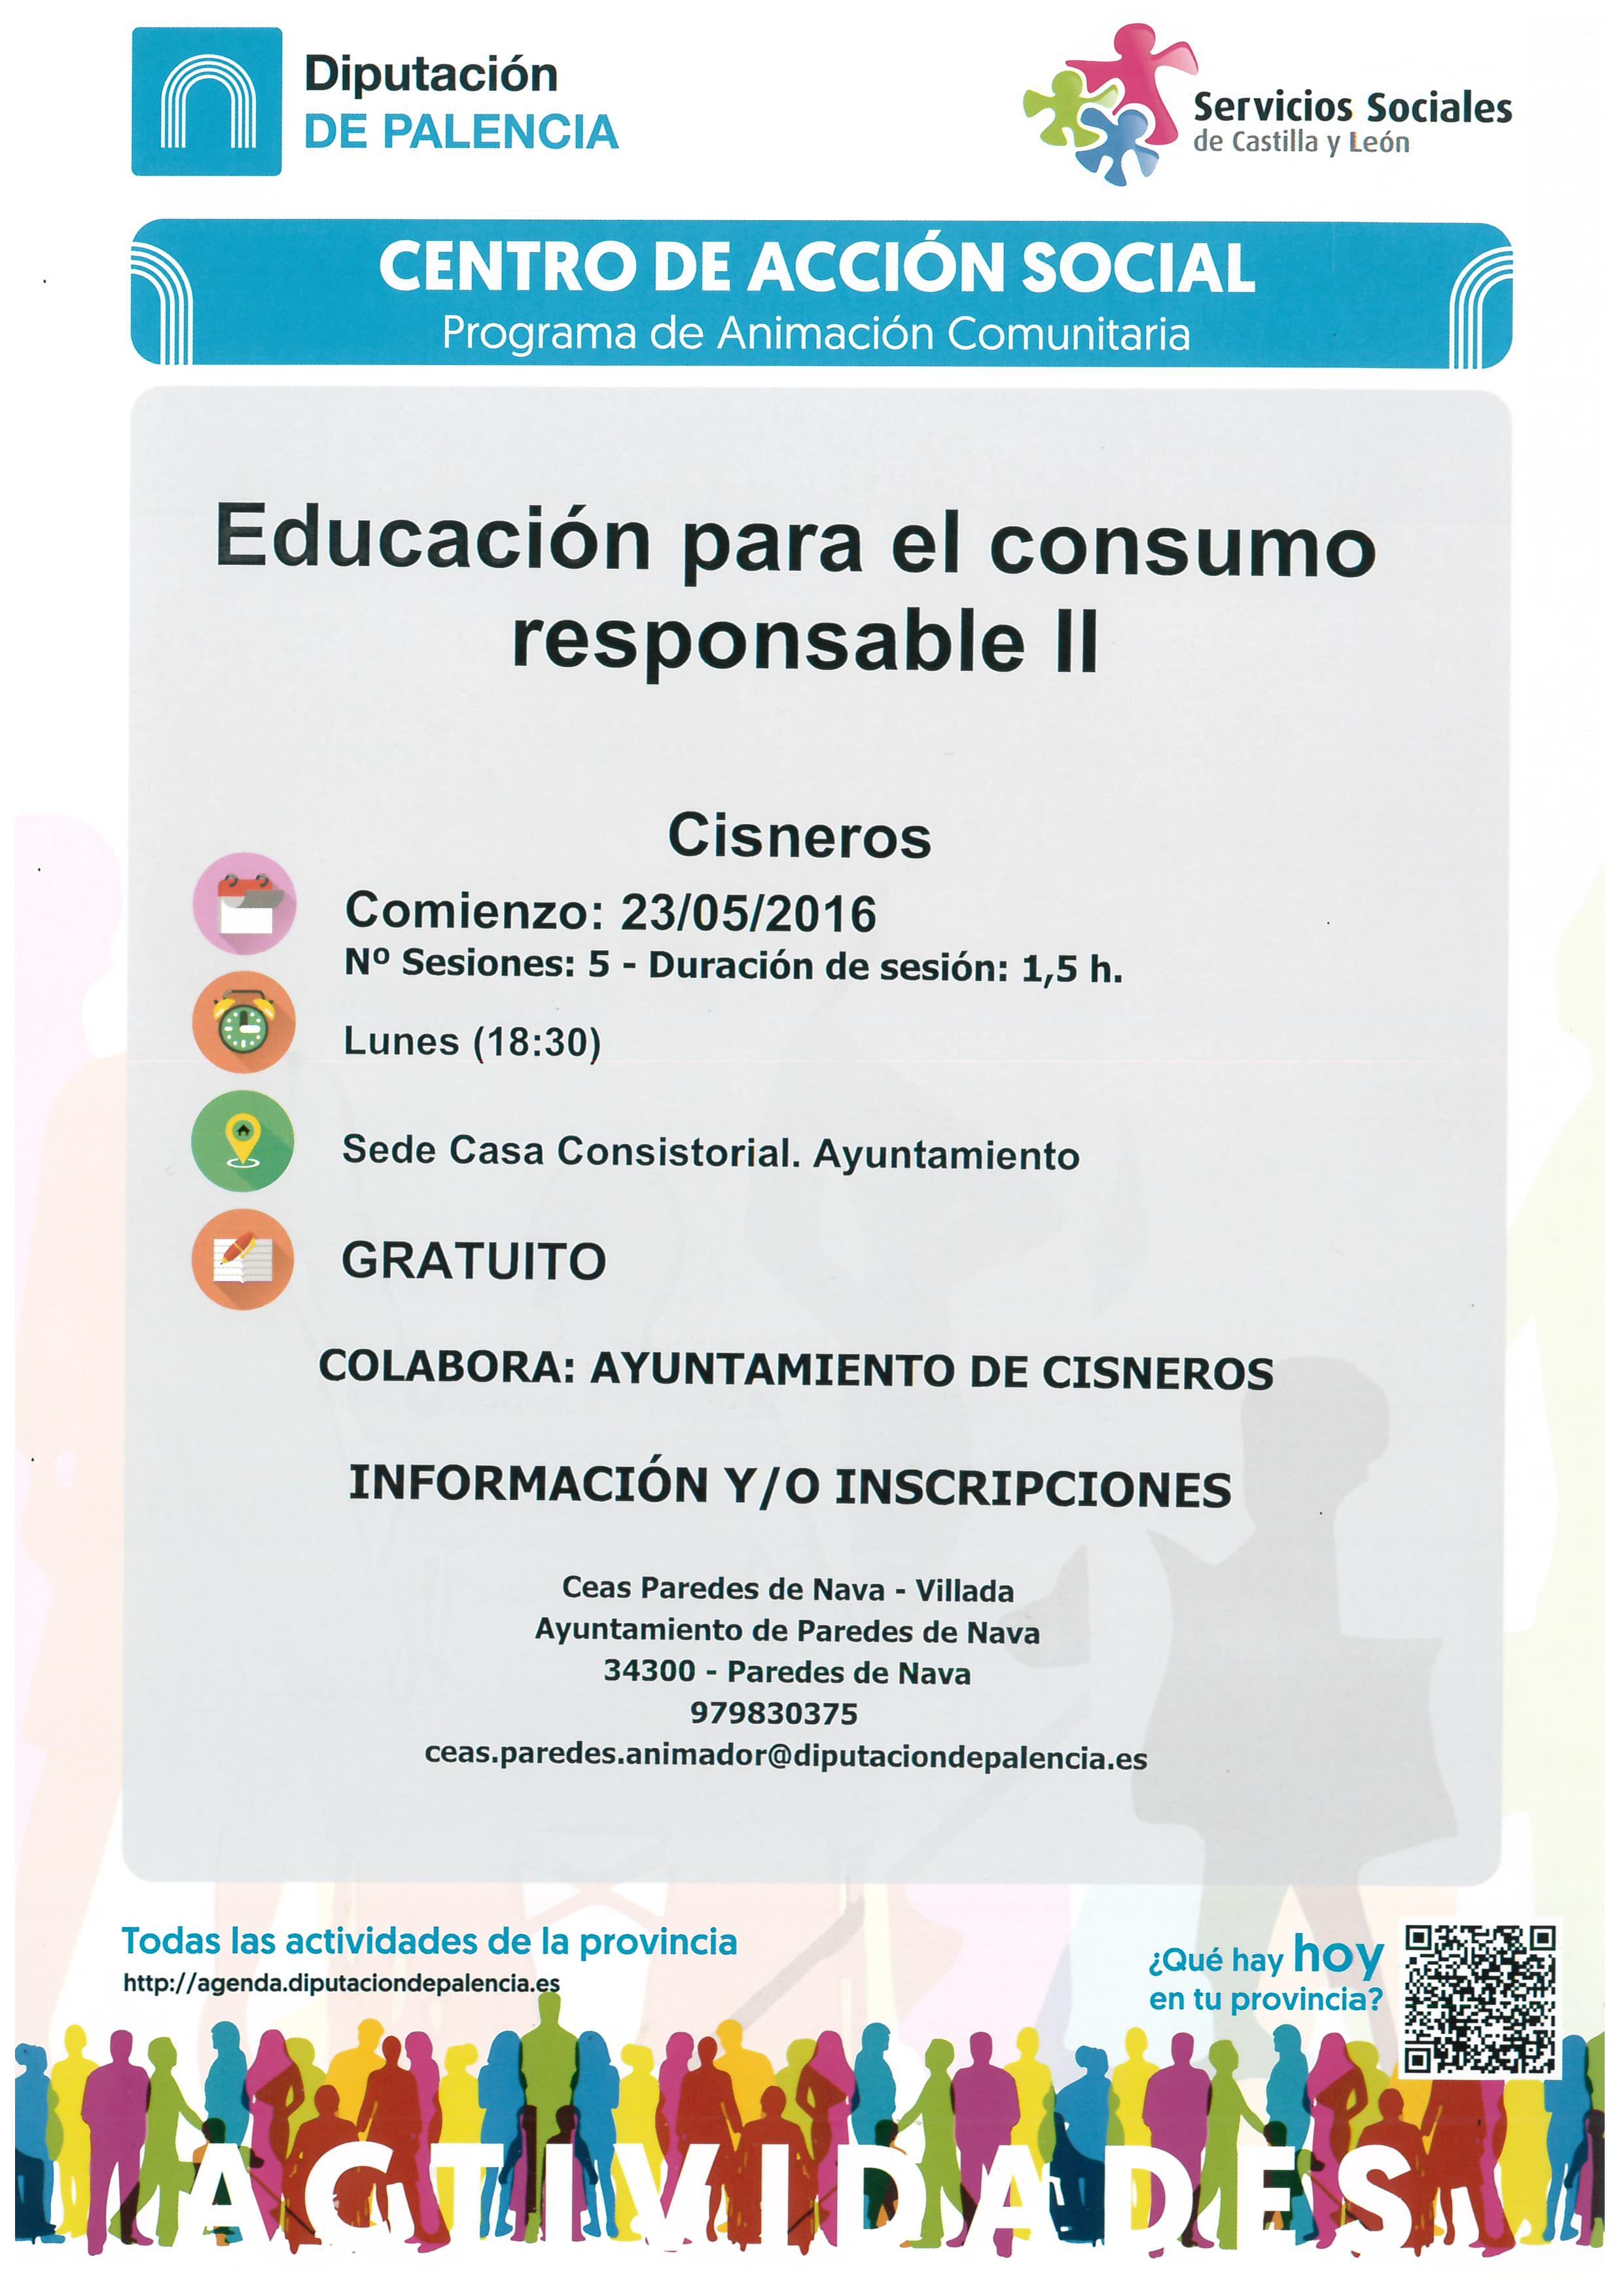 EDUCACIÓN PARA EL CONSUMO RESPONSABLE